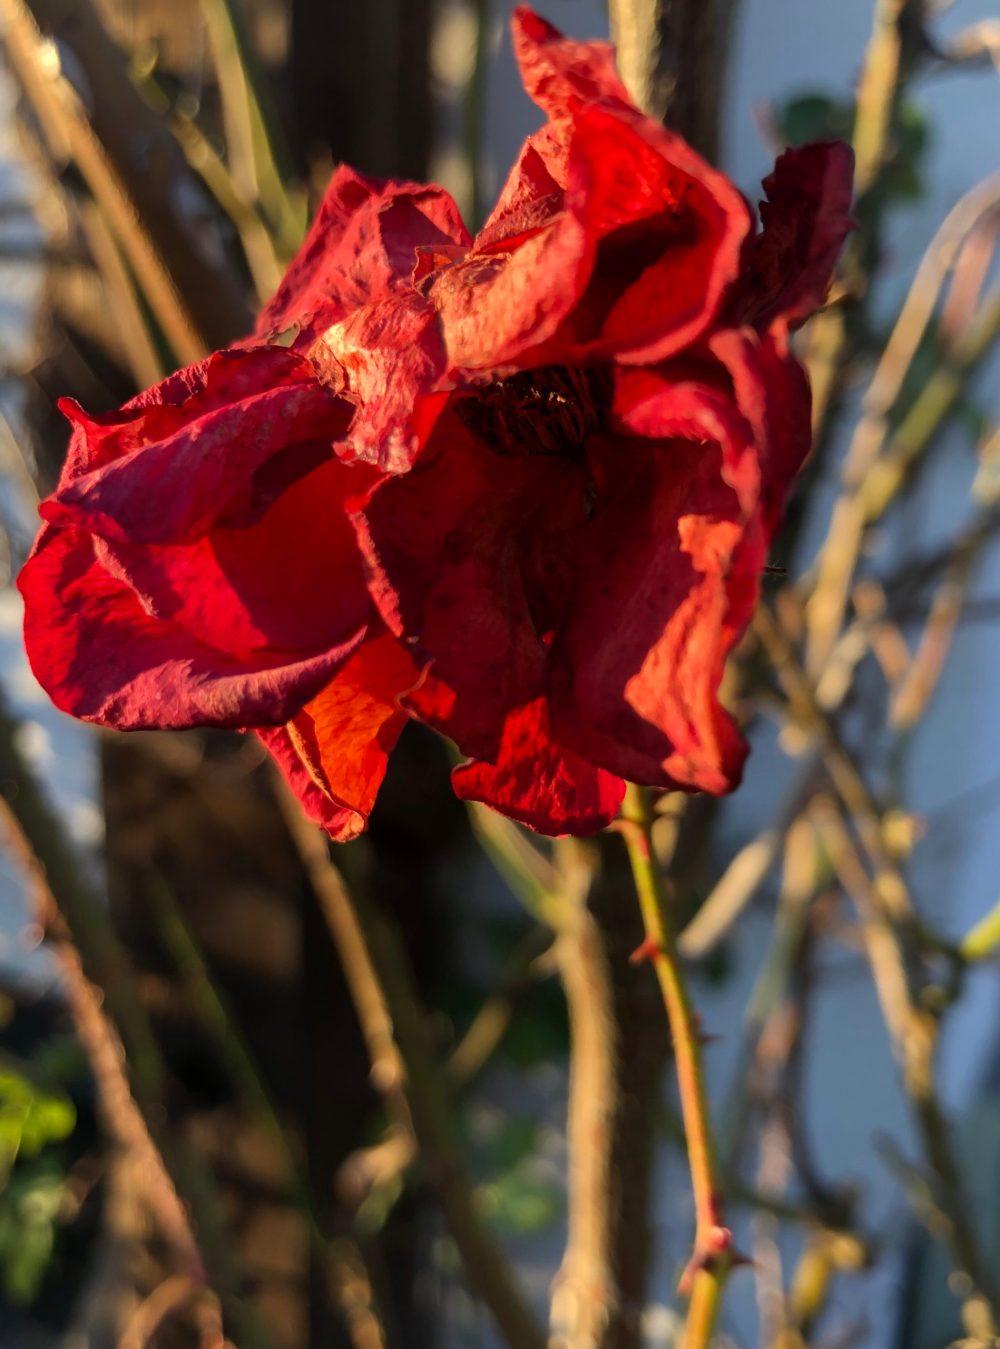 Verdorrende Rose von der untergehenden Sonne beleuchtet